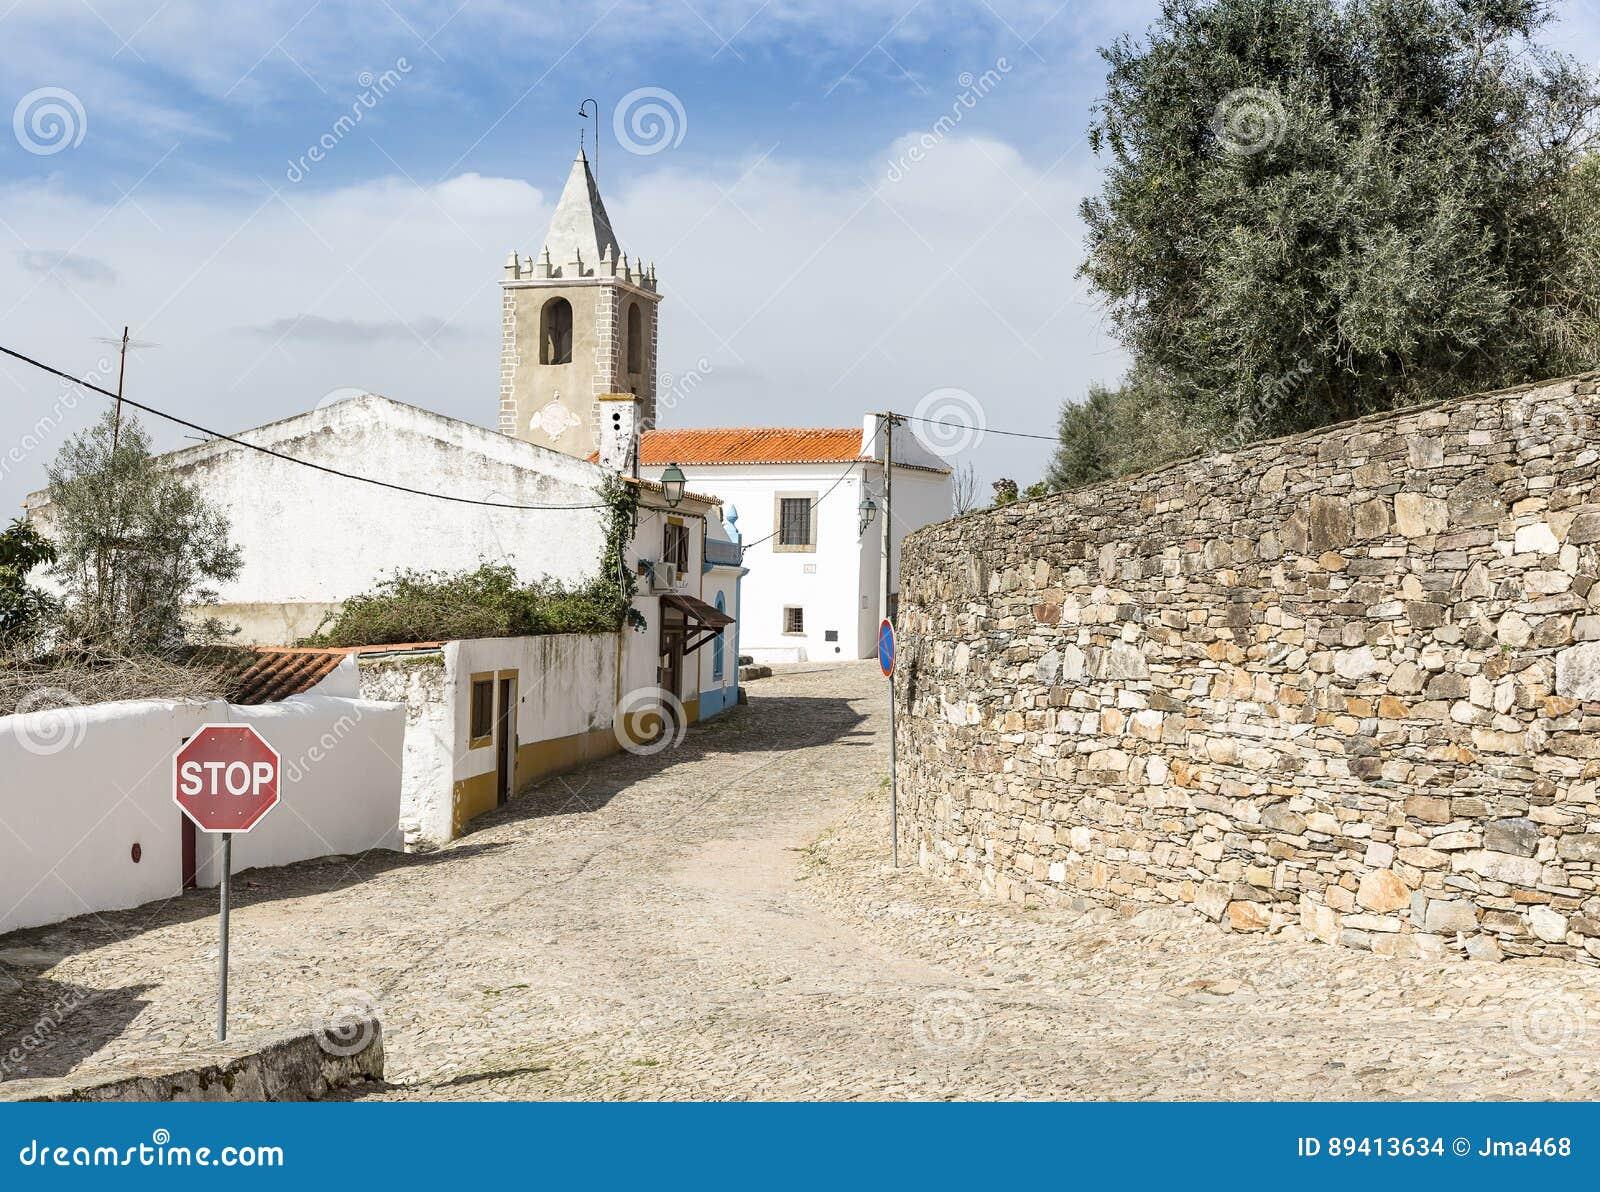 Rua e o sino da torre na cidade de Cabeco de Vide, Fronteira, distrito de Portalegre, Portugal